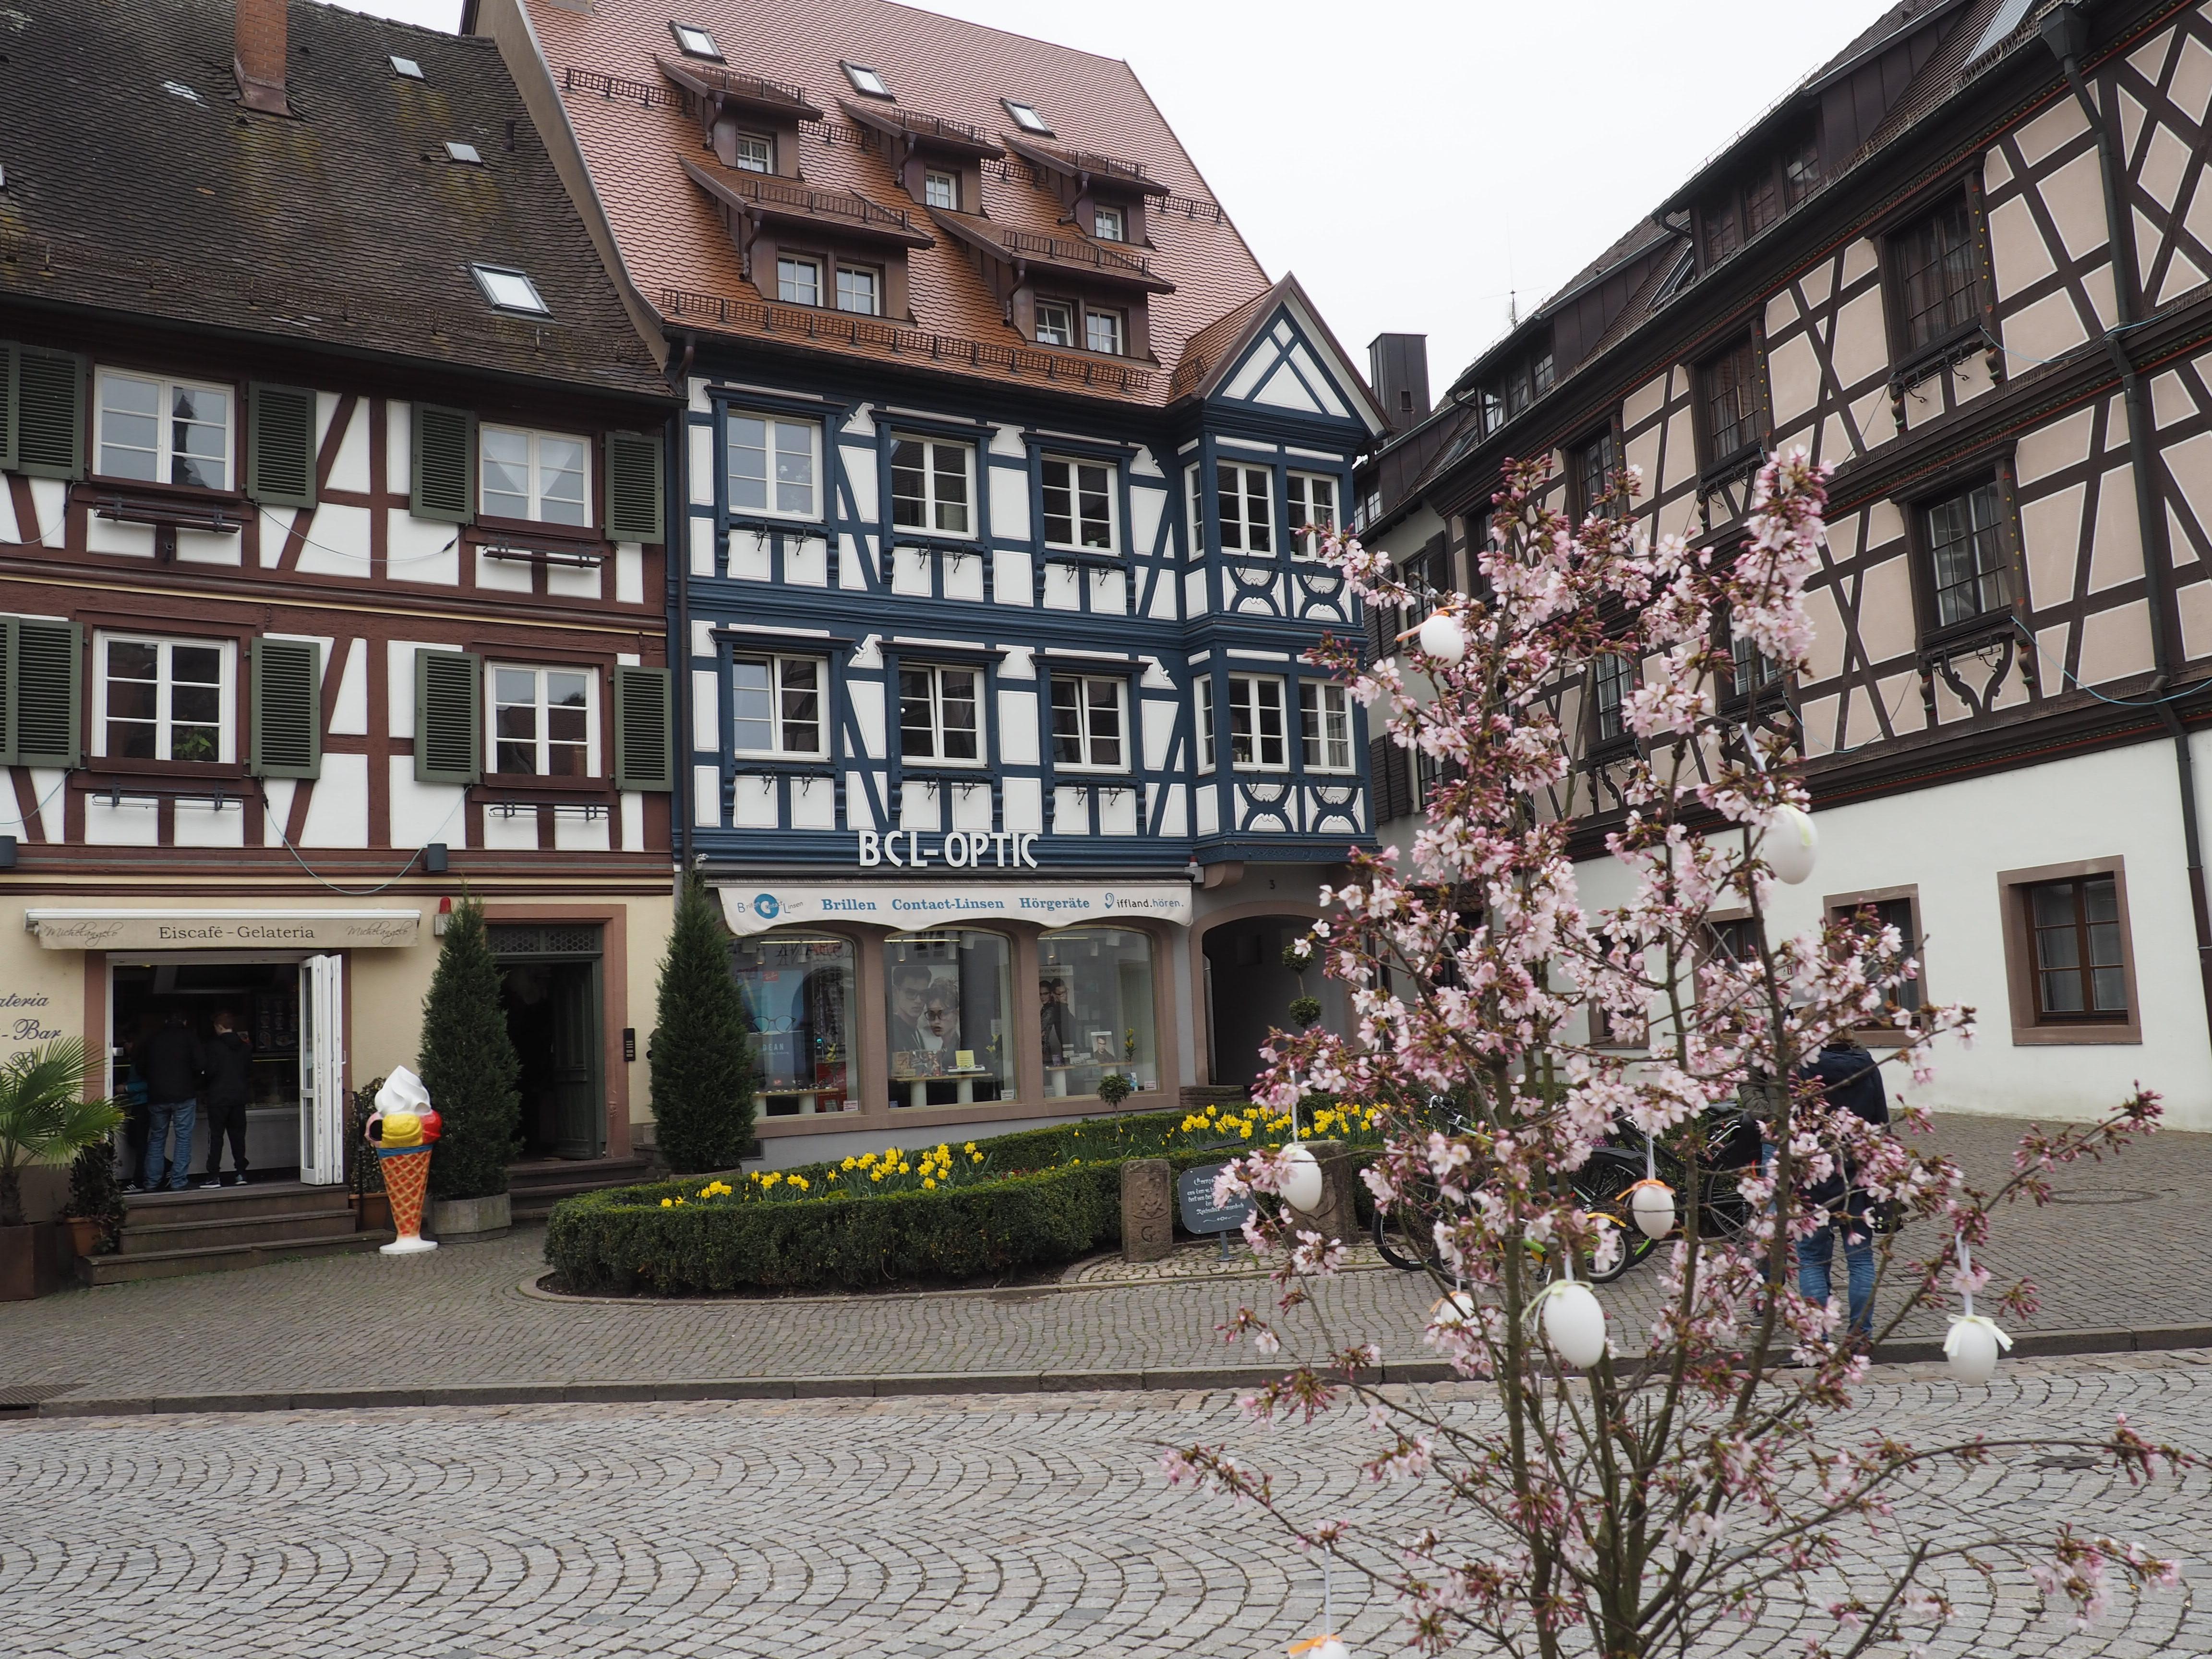 Idyllische Fachwerkhäuser in der ALtstadt von Gengenbach